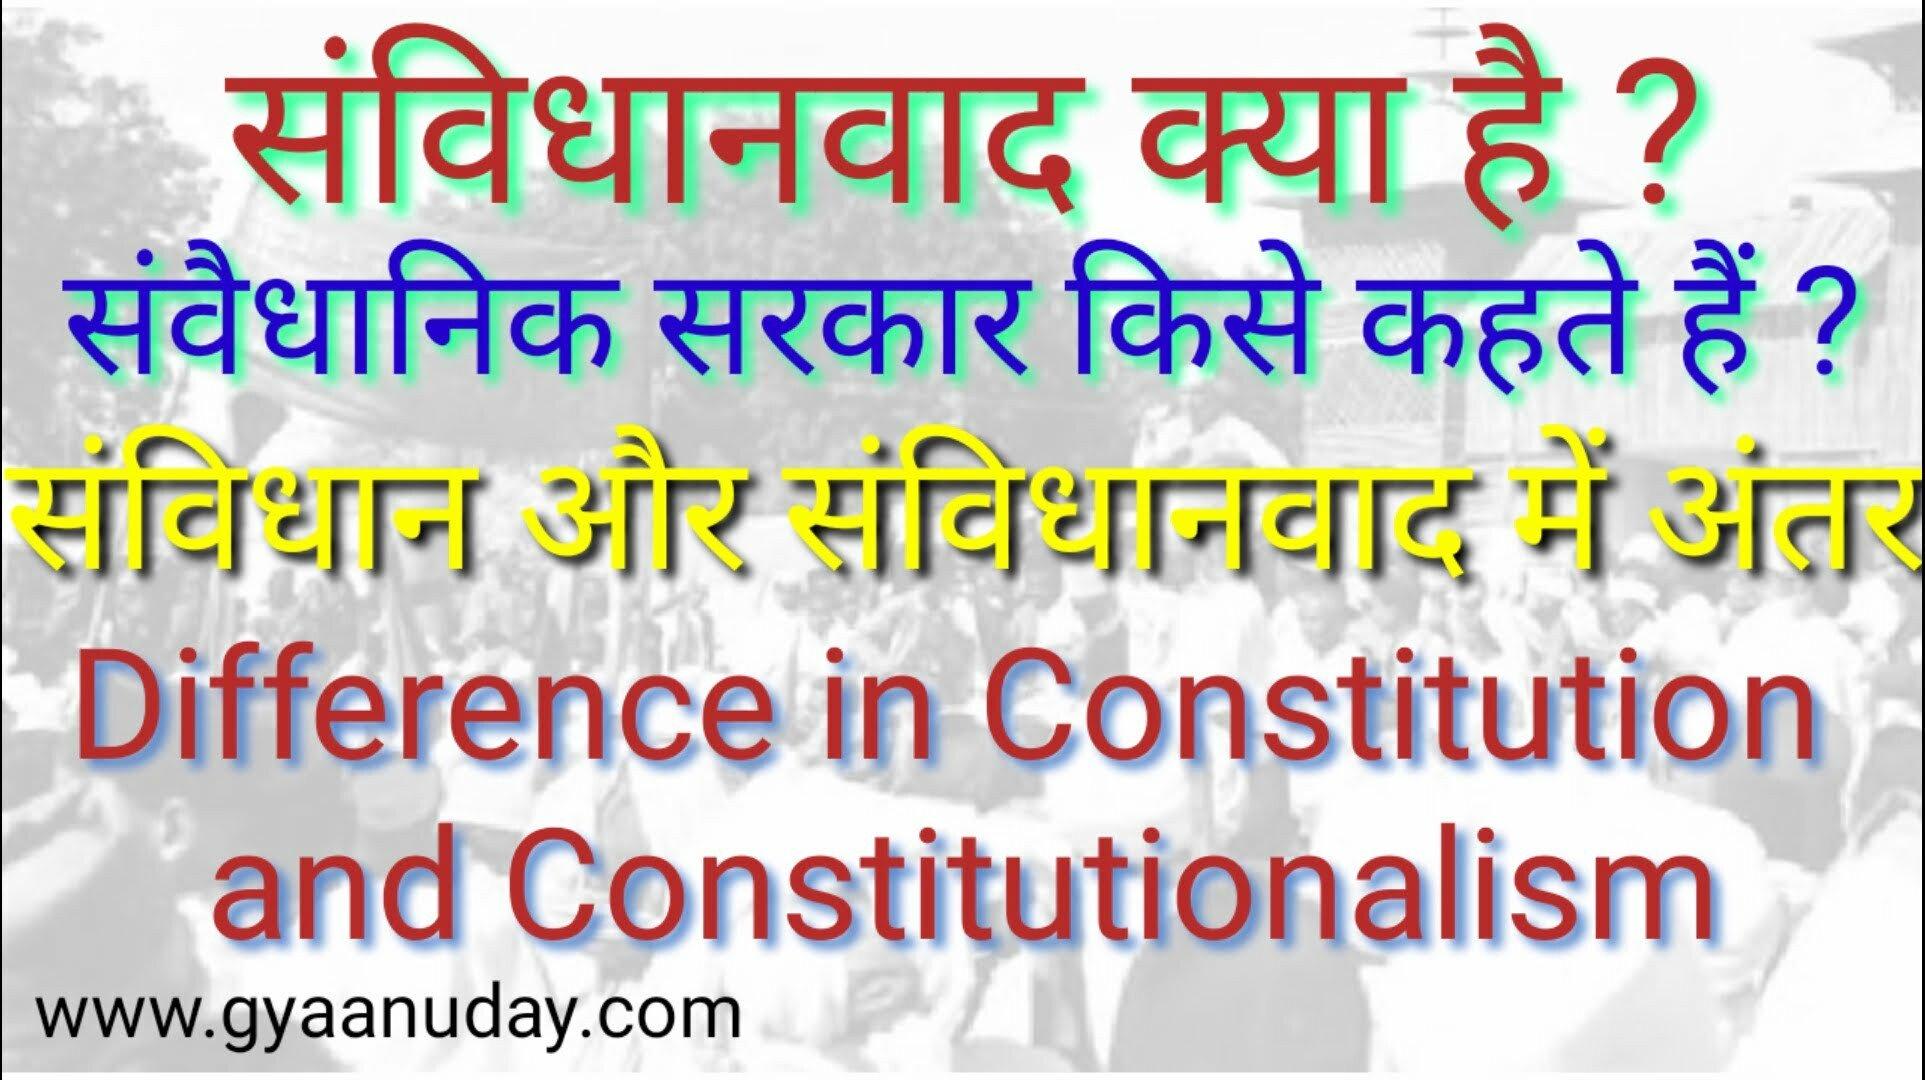 संविधानवाद क्या है, संविधान से इसकी तुलना